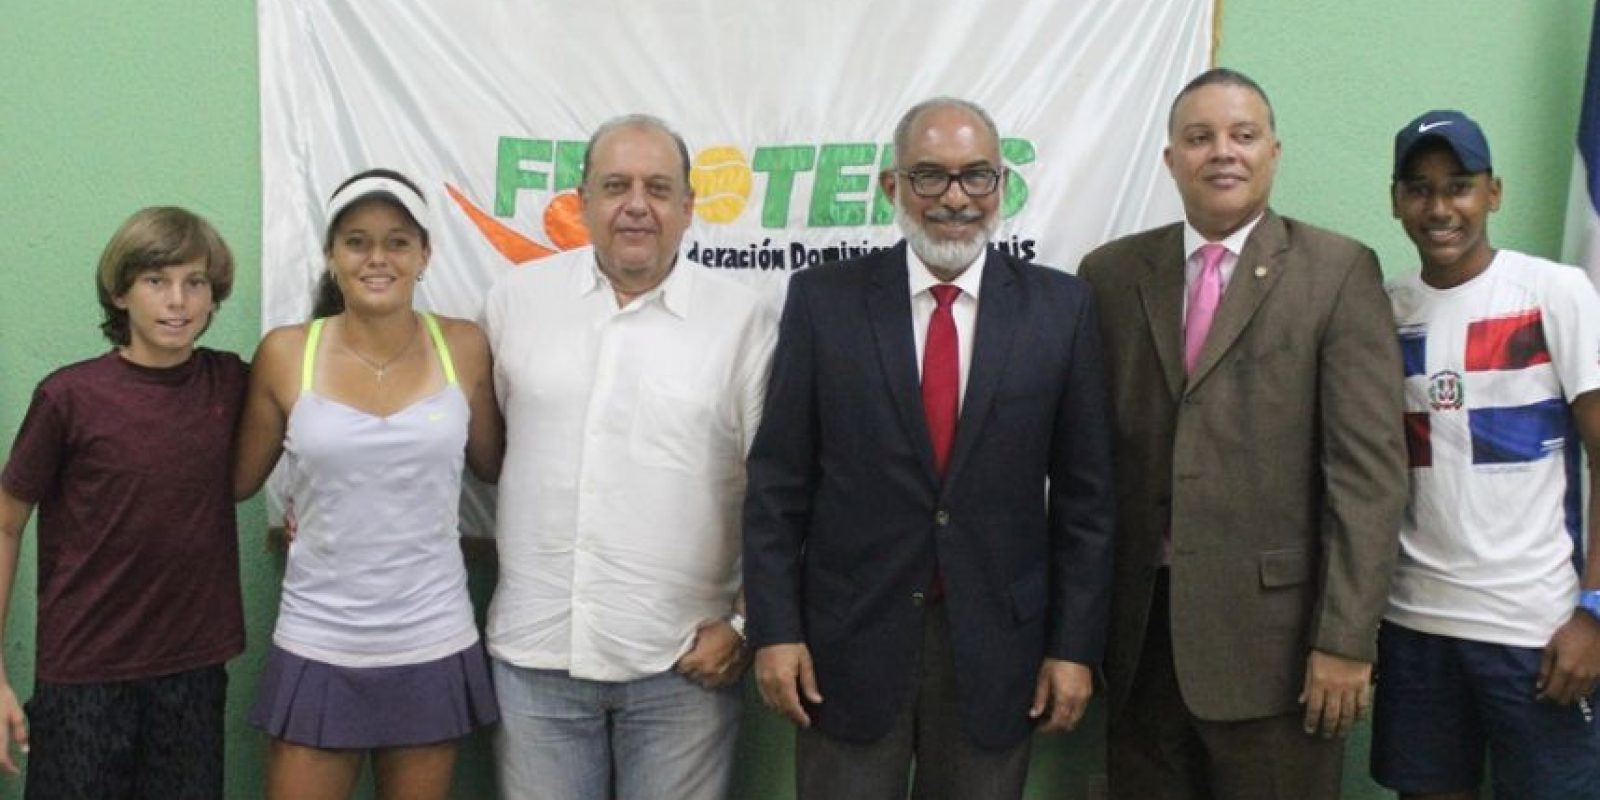 Miguel Delgado (izquierda), encargado de comercialización de la Copa Merengue y Persio Maldonado, presidente de la Federación Dominicana de Tenis (Fedotenis). Foto:Fuente externa